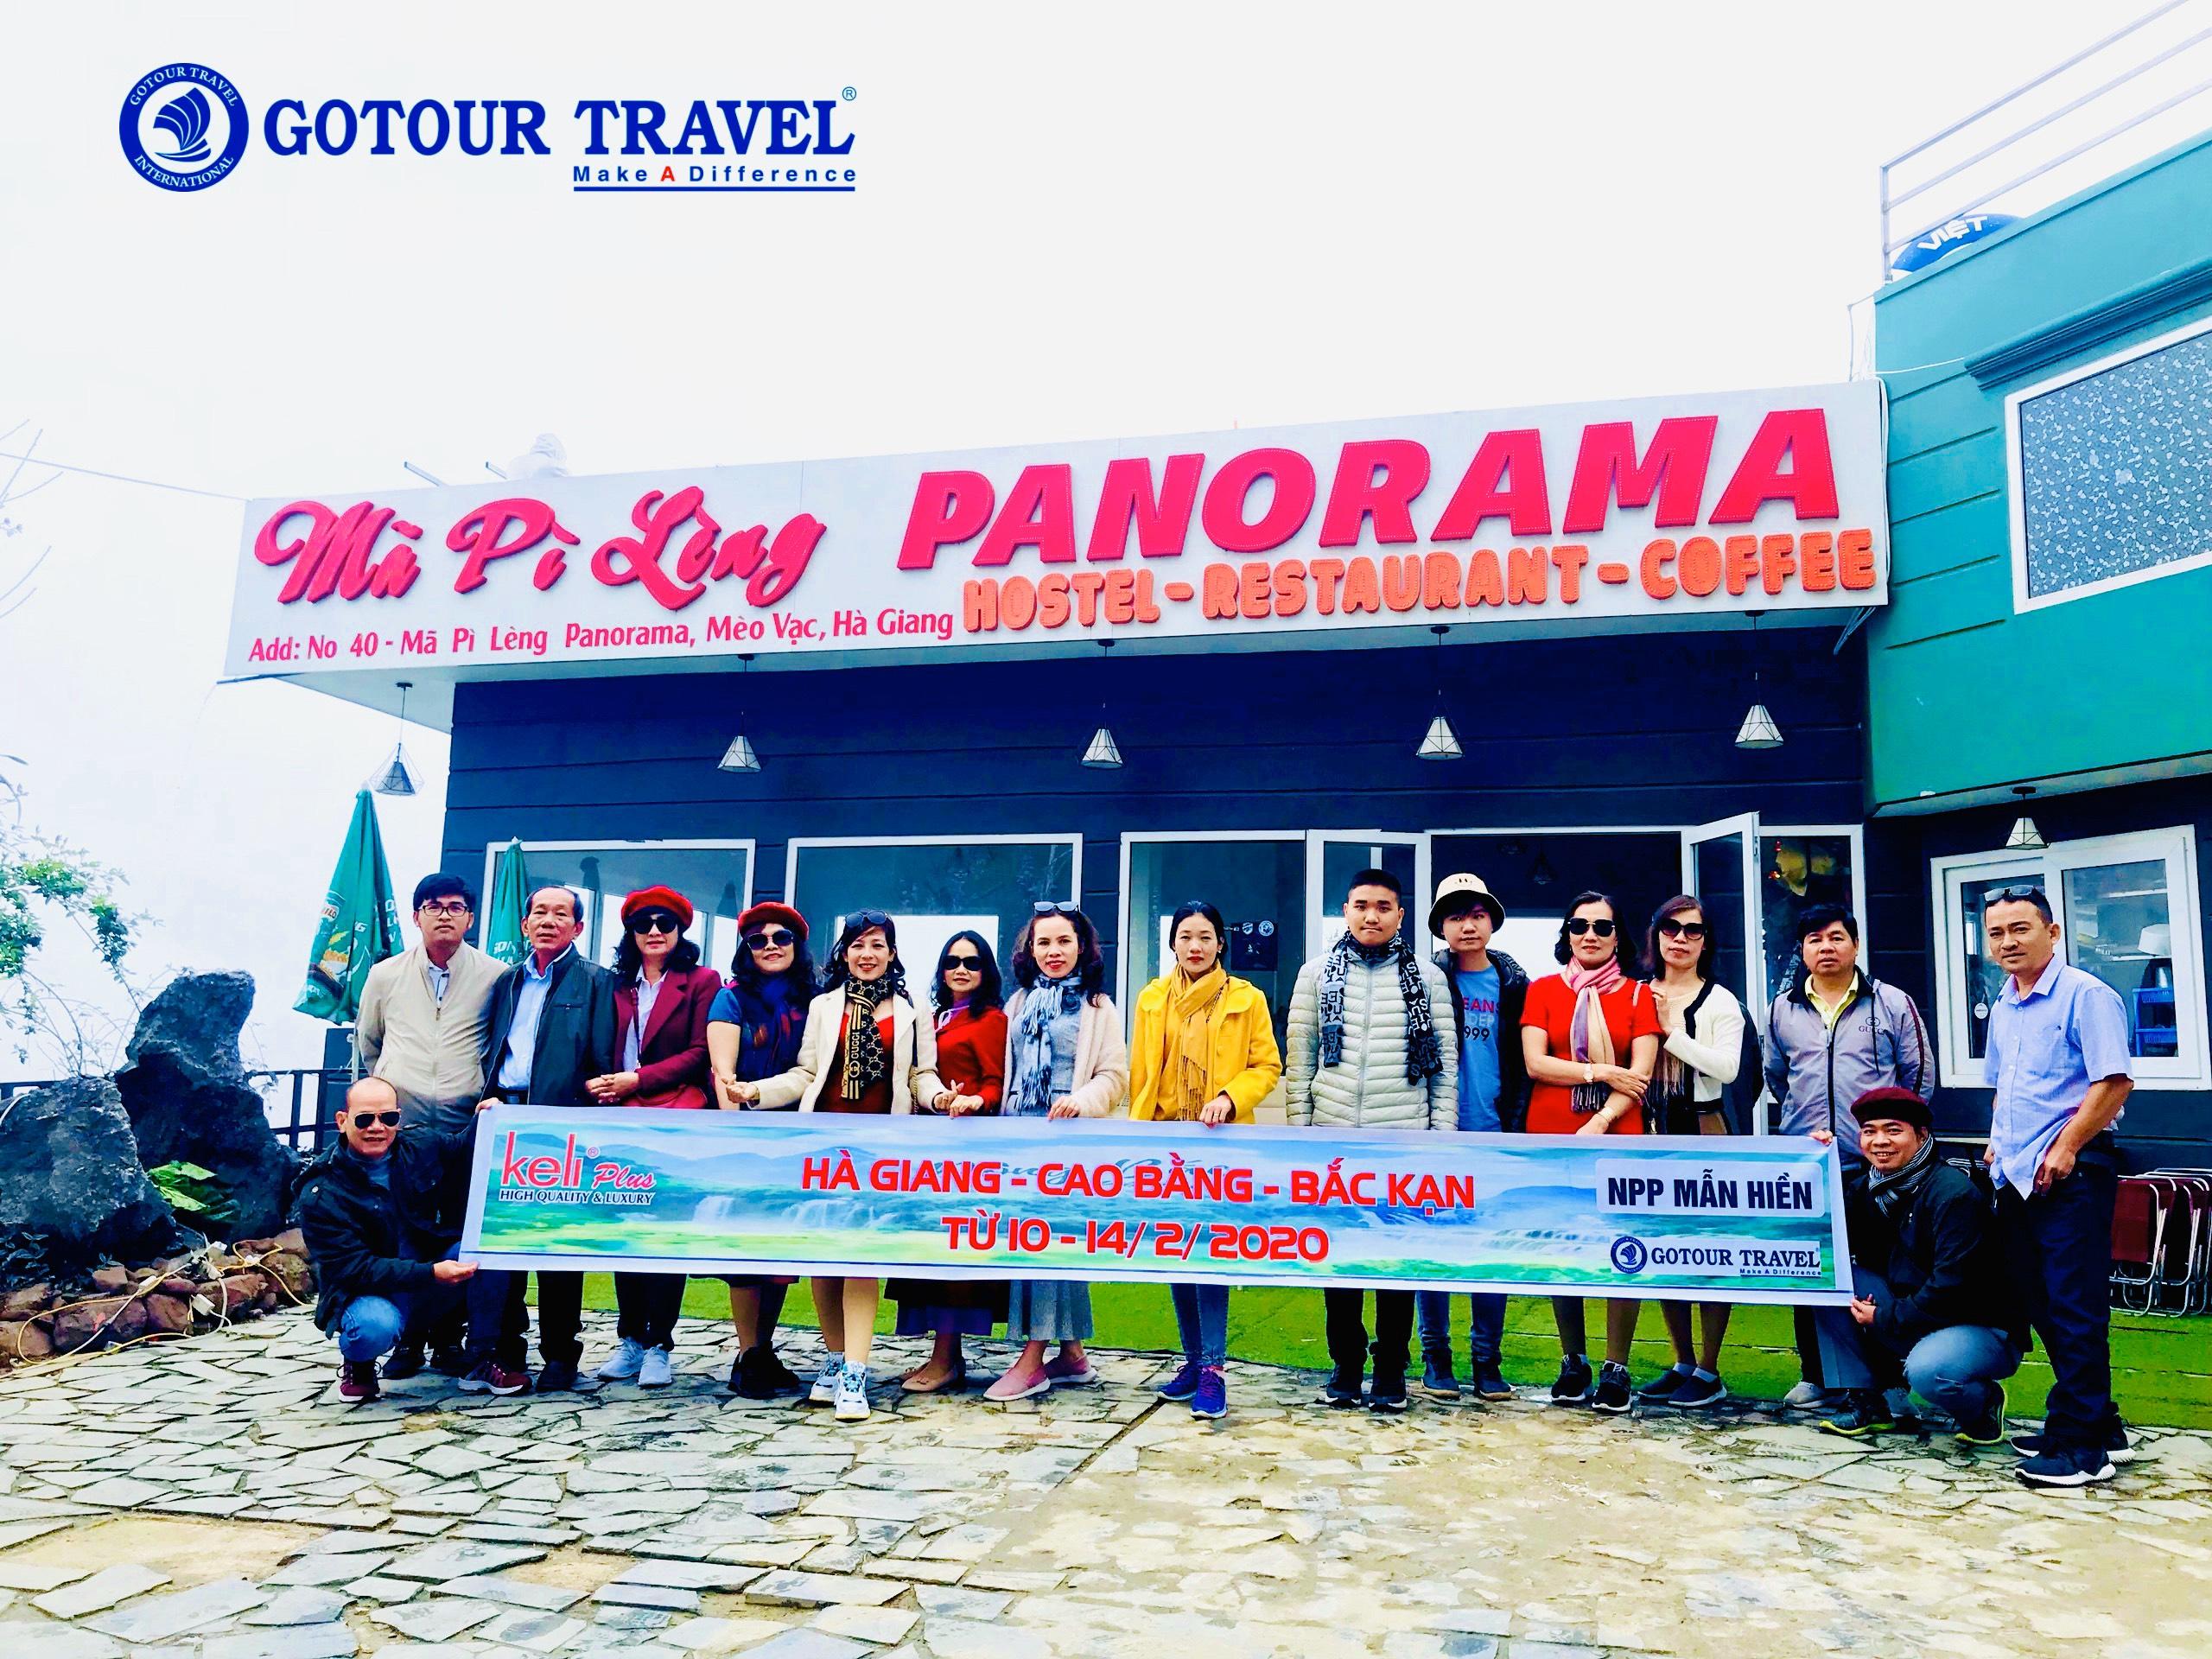 Tour Gia Lai – Hà Giang – Cao Bằng – Bắc Kạn